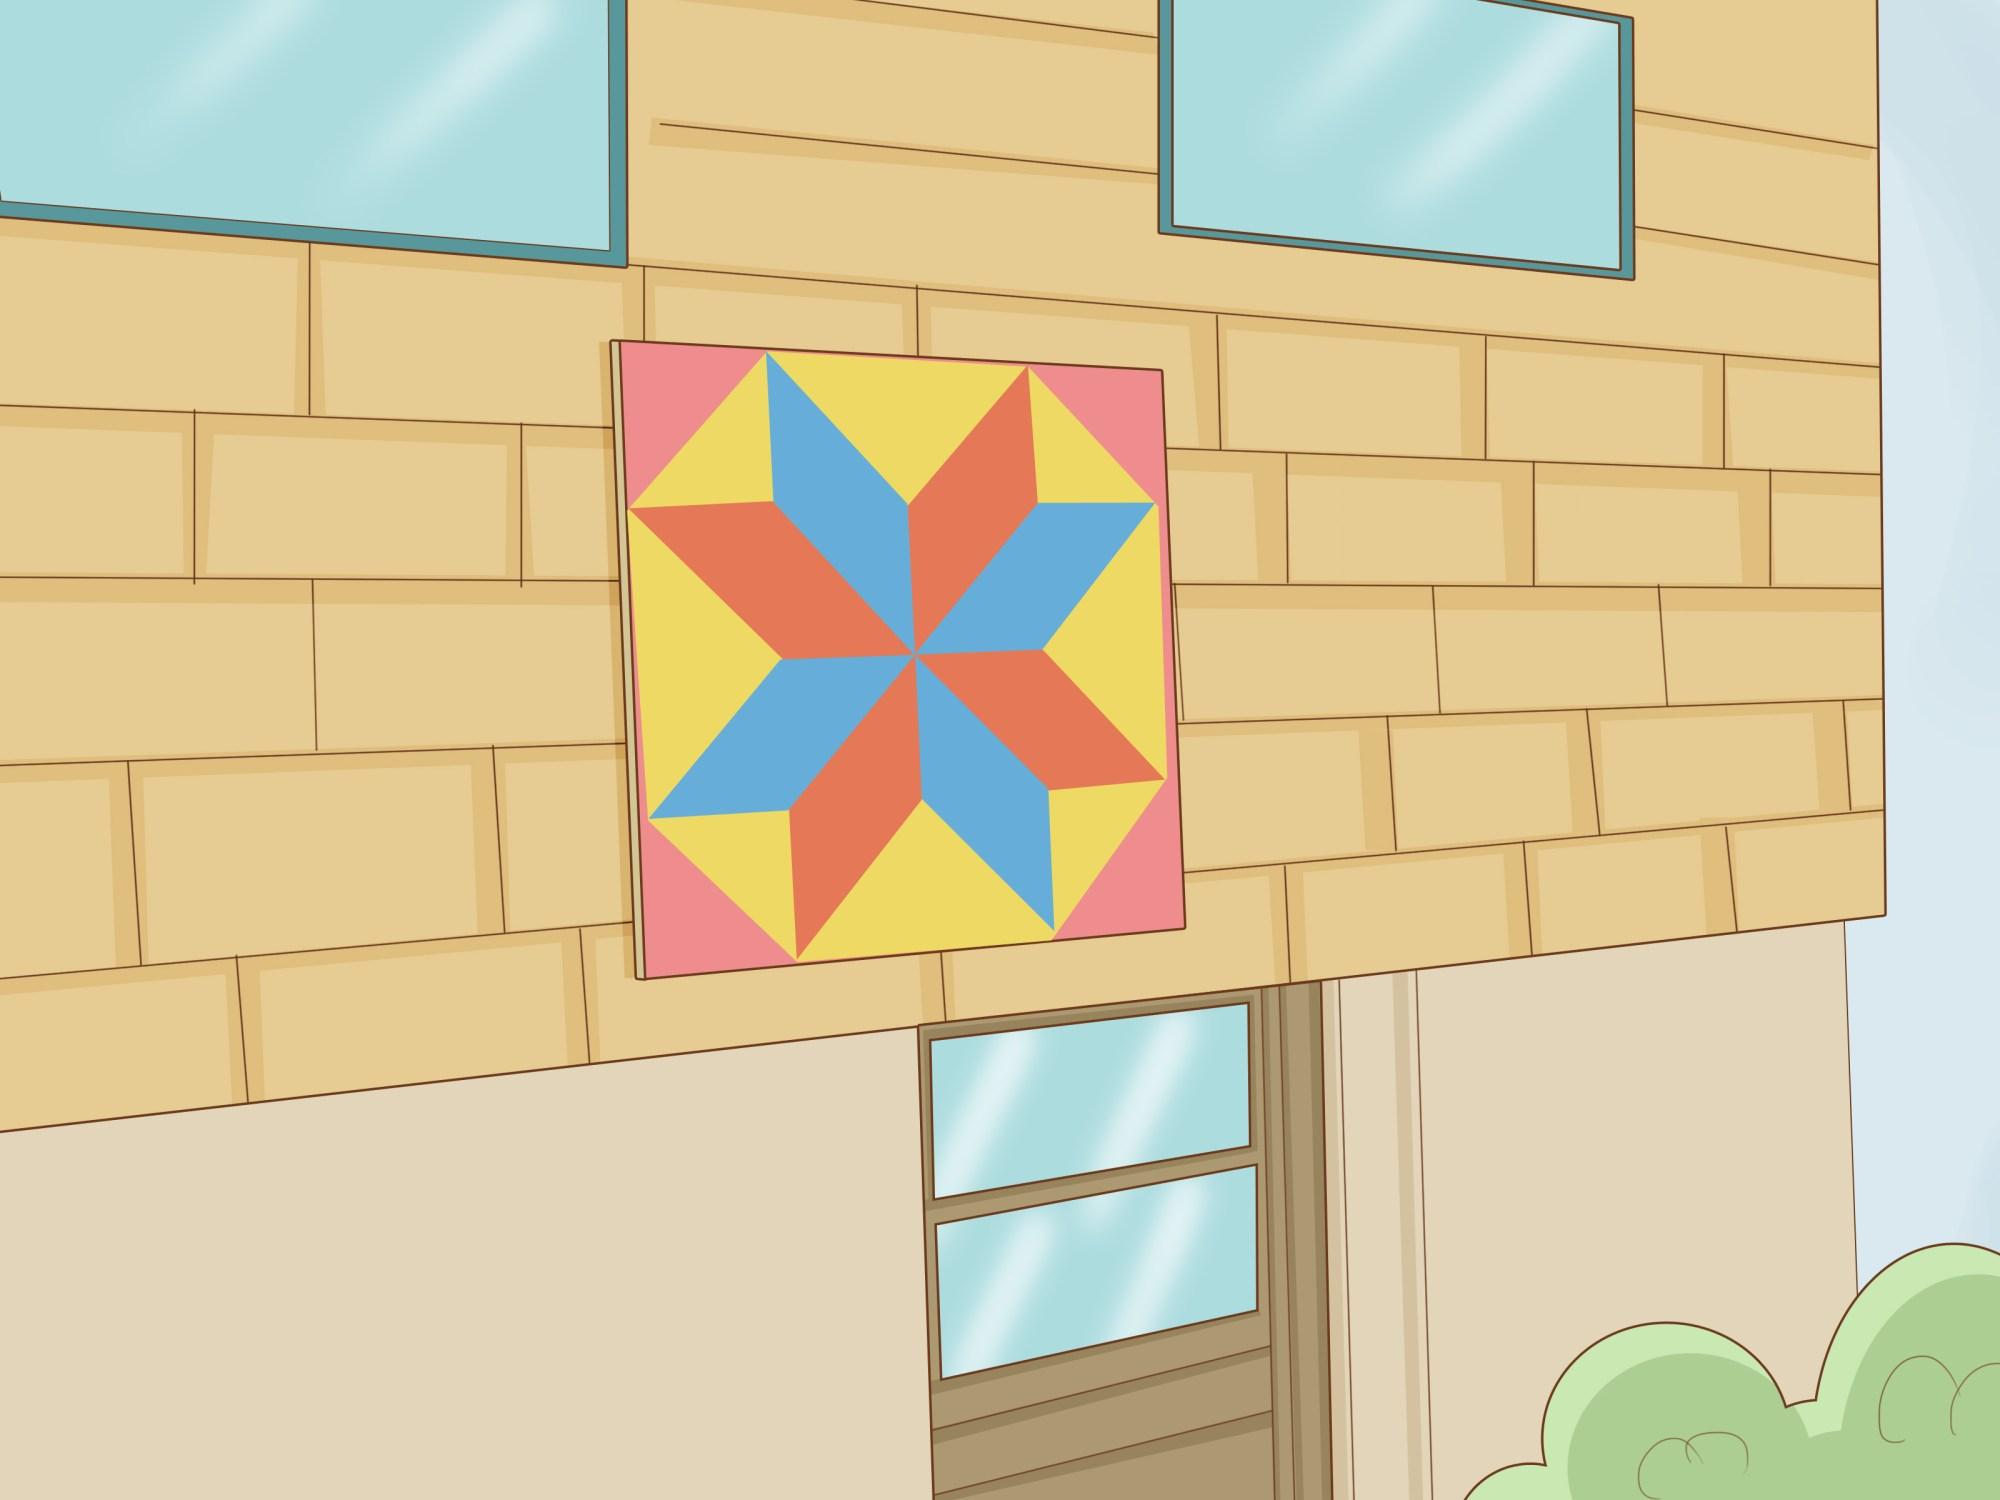 hight resolution of barn star diagram